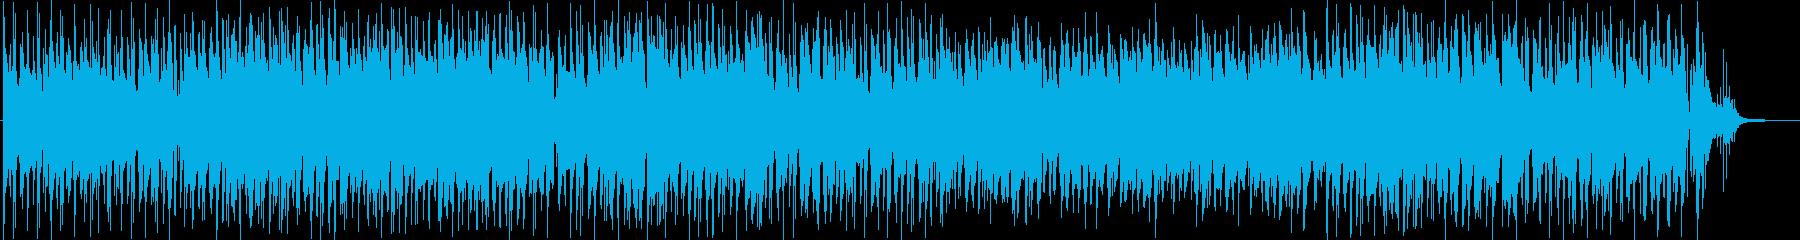 Joyfulの再生済みの波形